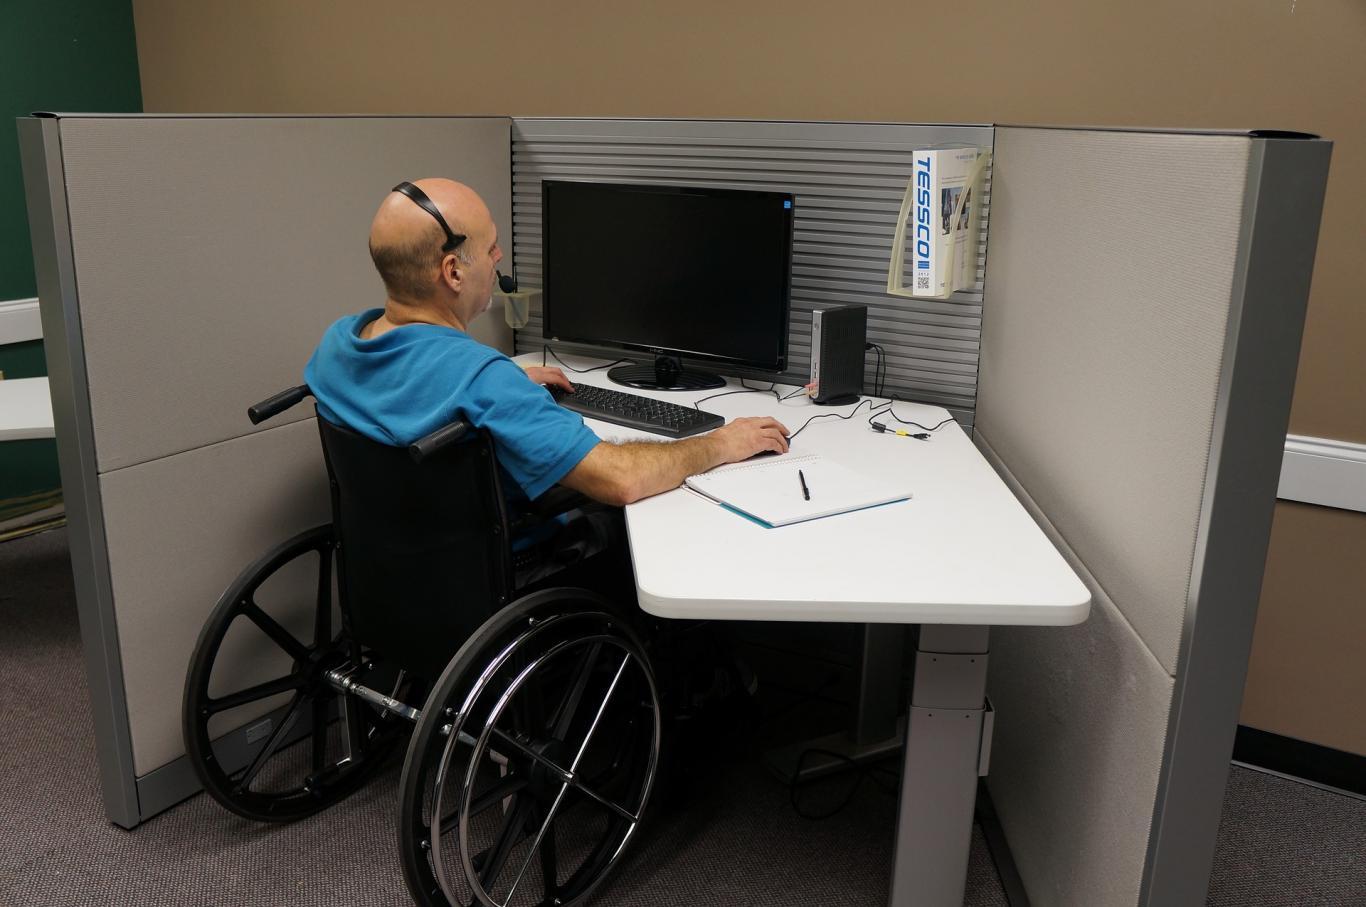 Trabajador en silla de ruedas